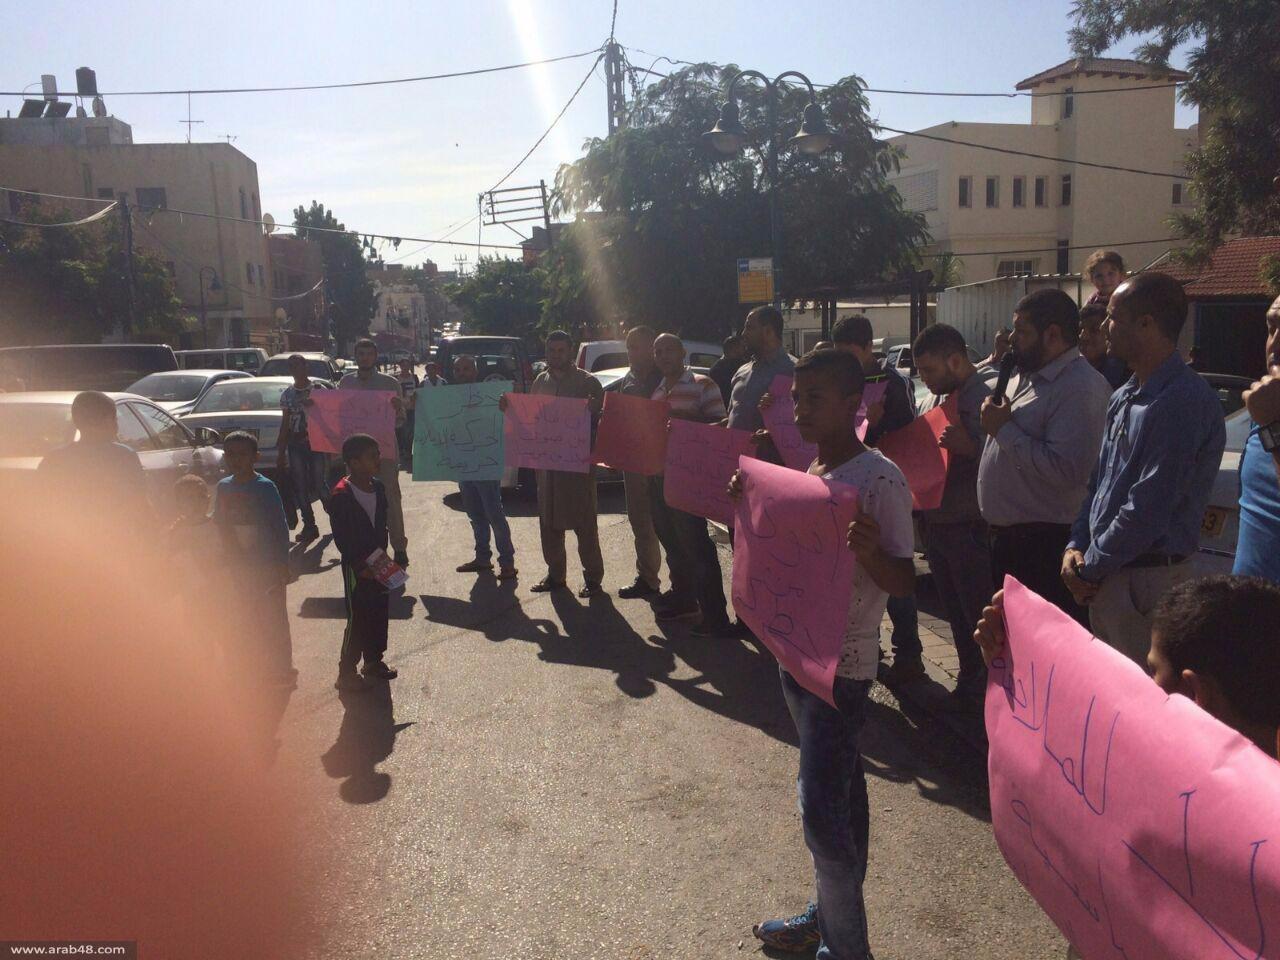 جسر الزرقاء: وقفة احتجاجية على حظر الحركة الإسلامية